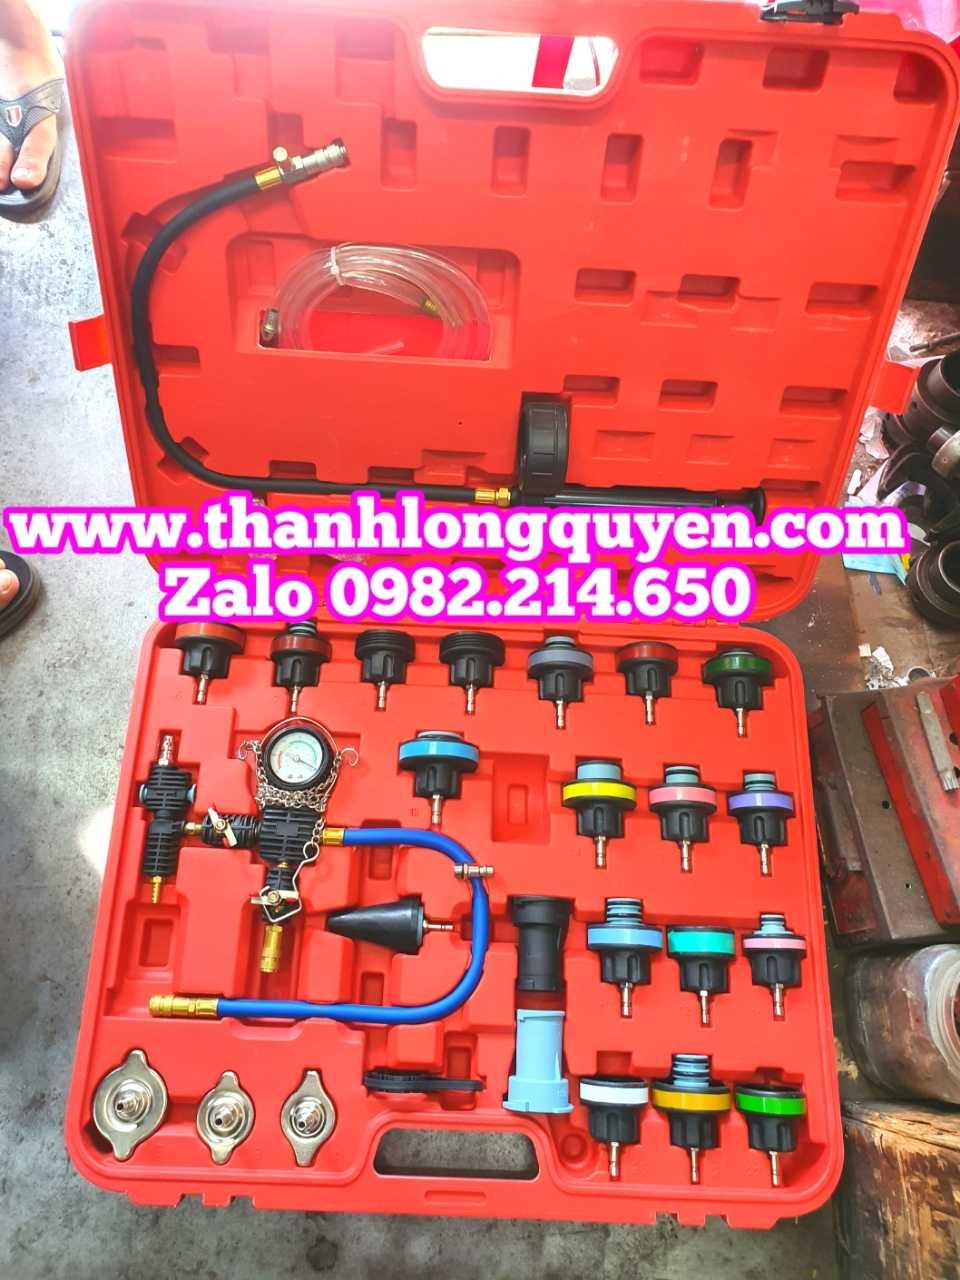 bộ thử kín két nước kiểm tra rò rỉ két nước hệ thống làm mát 28 chi tiết